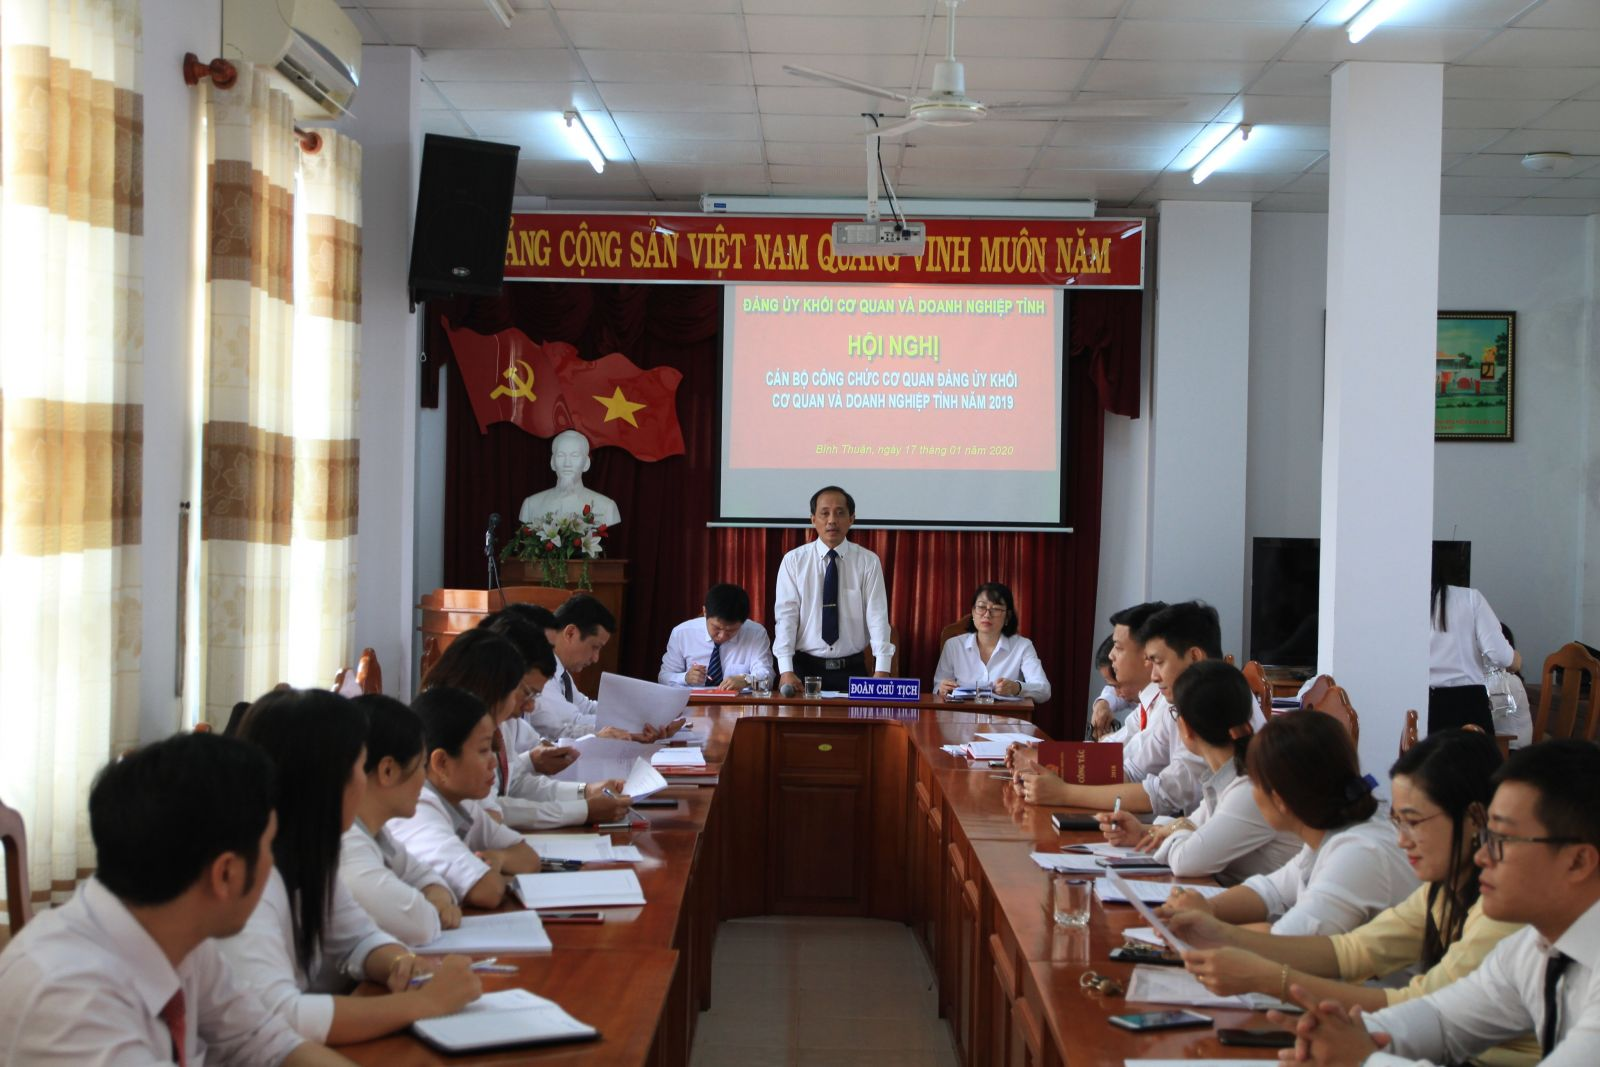 Hình Cơ quan Đảng ủy Khối tổ chức Hội nghị cán bộ, công chức năm 2019